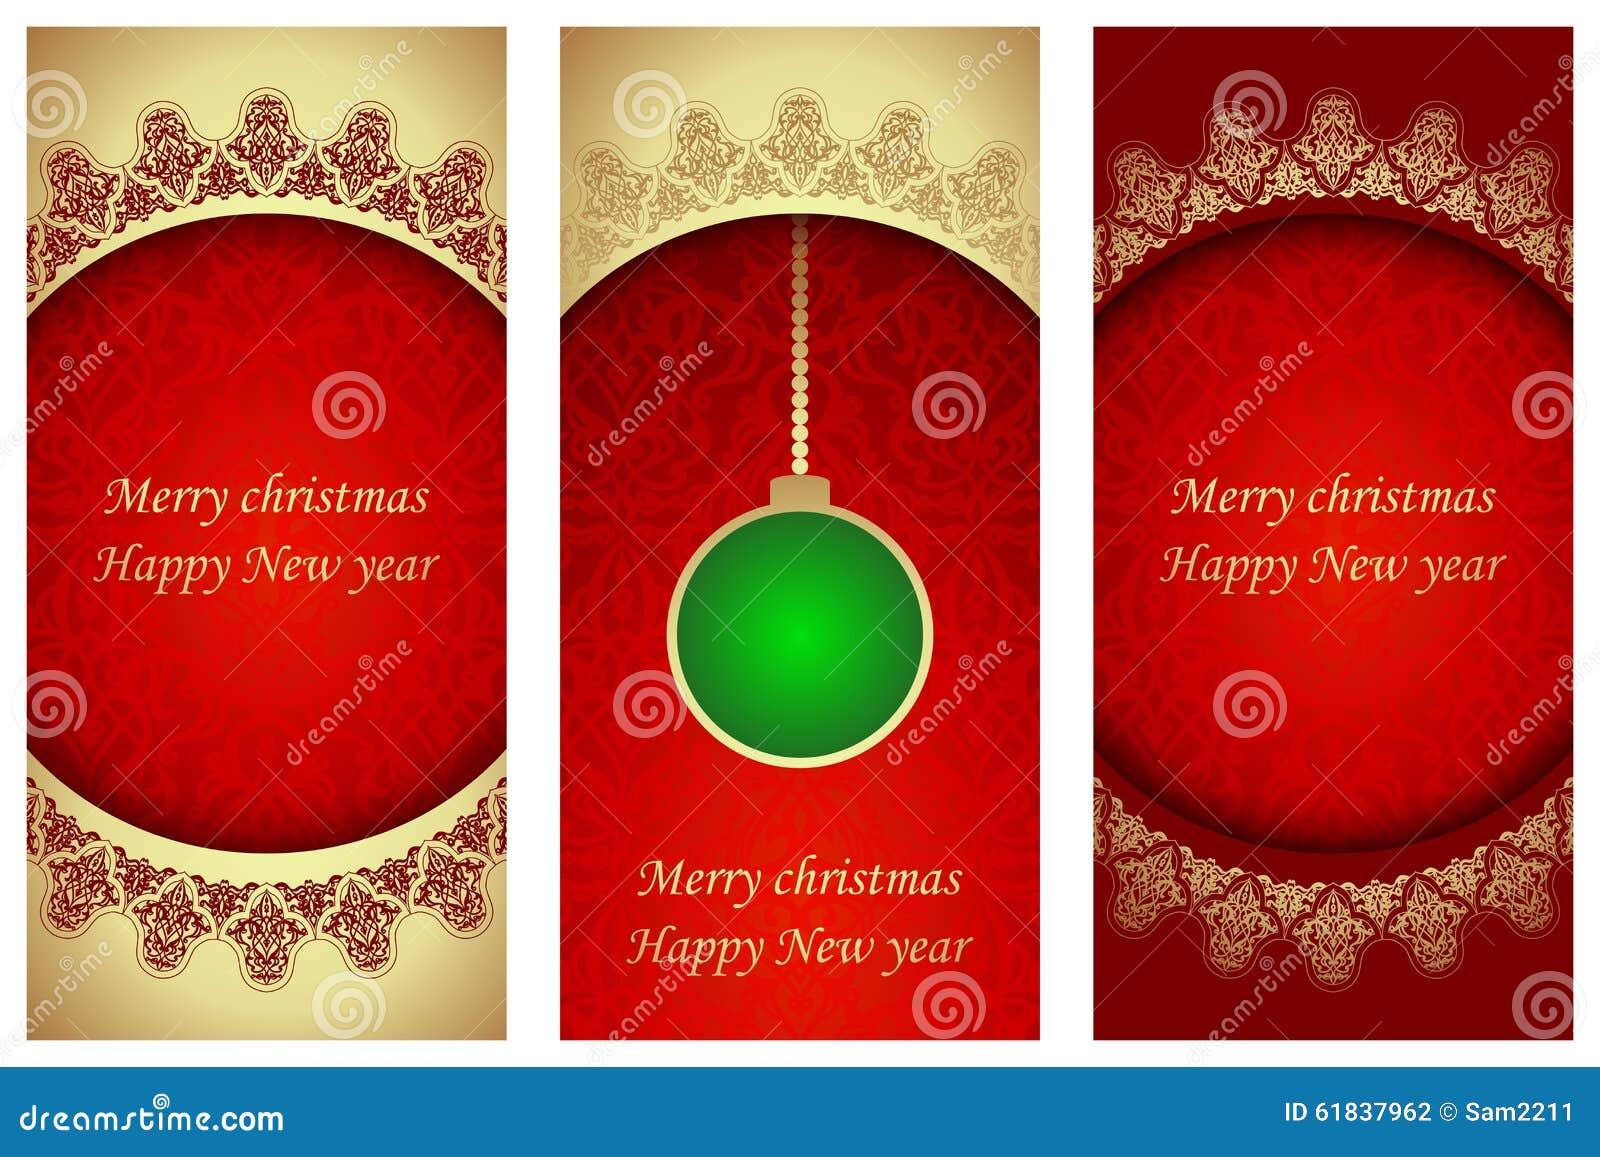 Комплект рождественских открыток в викторианском стиле